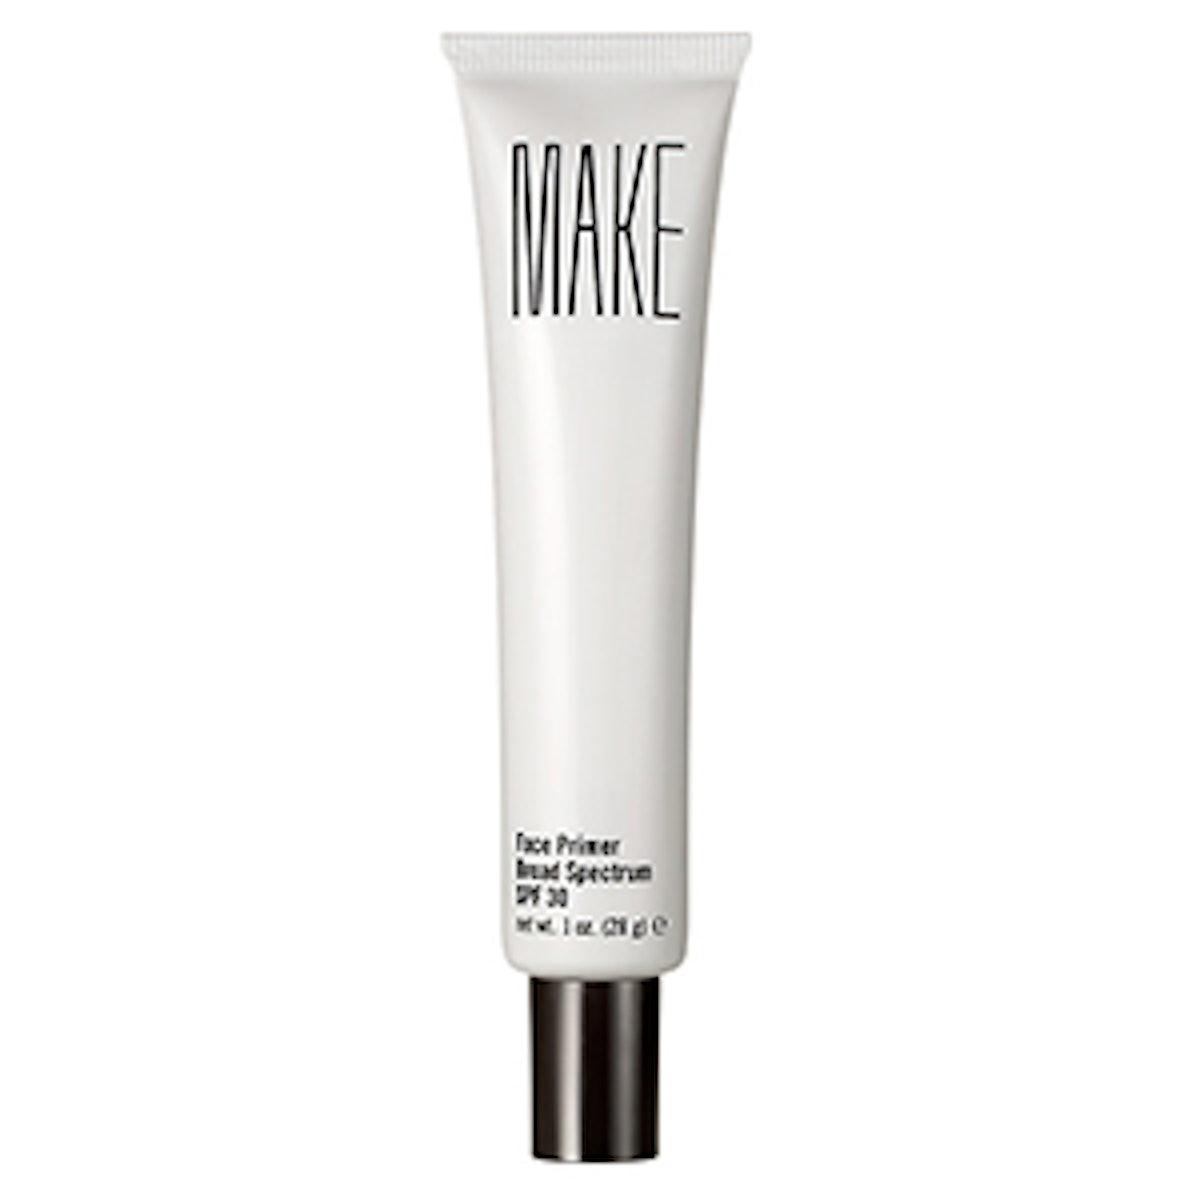 MAKE Face Primer SPF 30